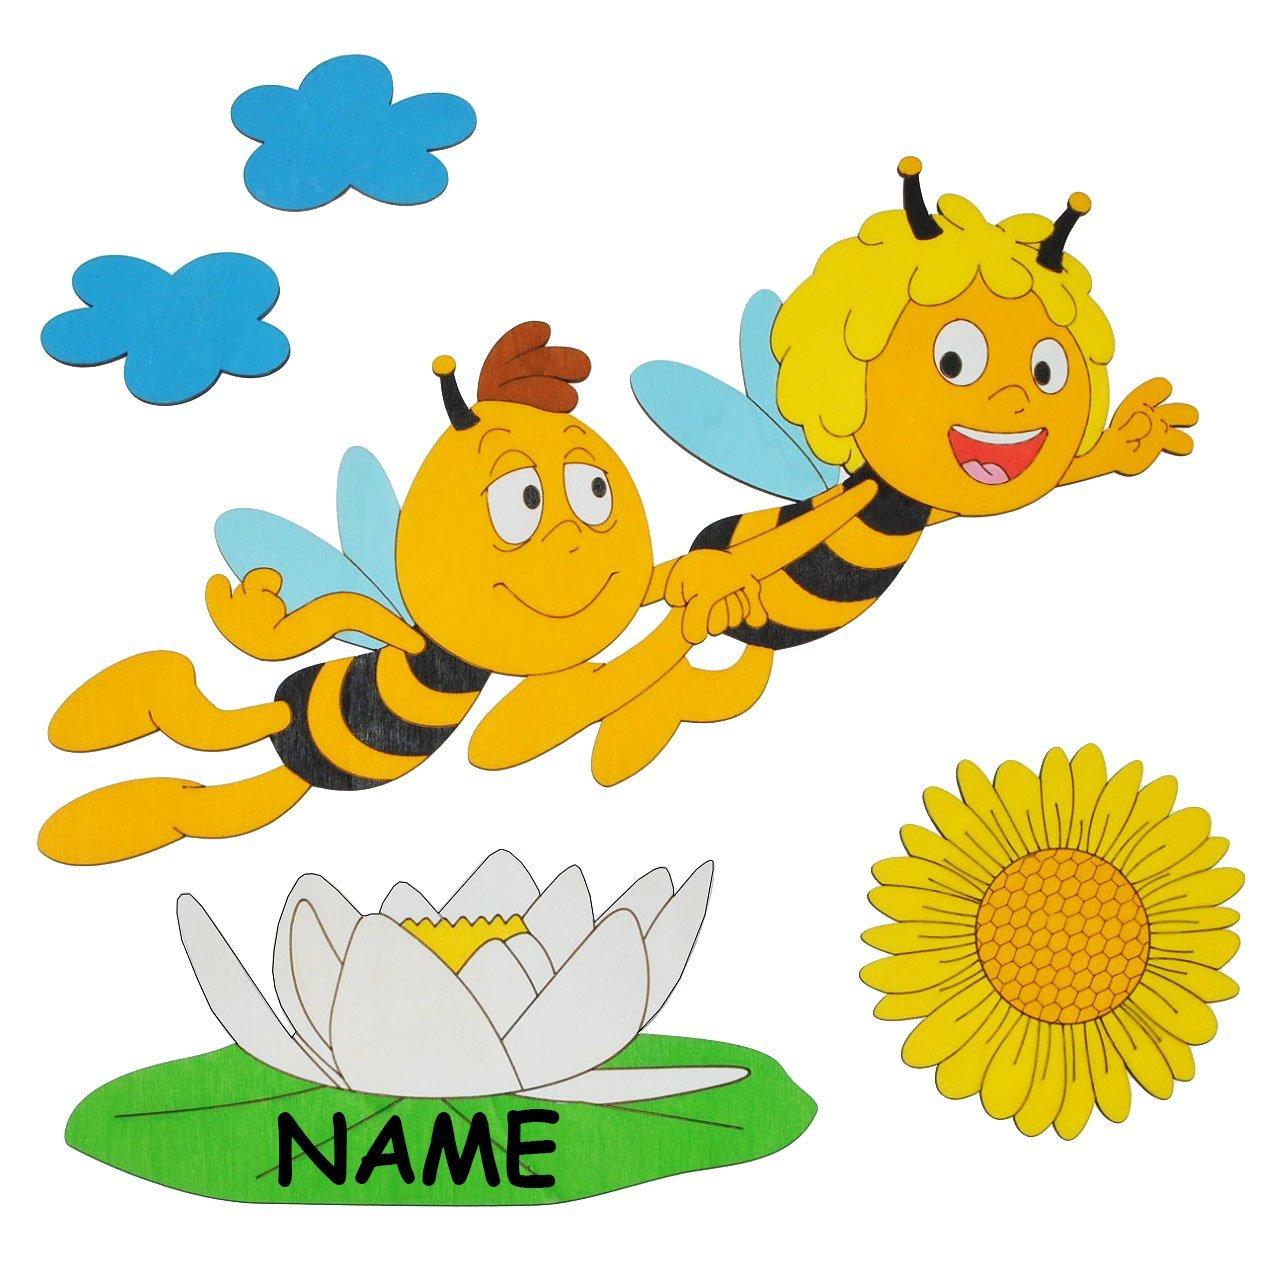 die Biene Maja mit Willi - 6 tlg. Set: Wandbild / Wandtattoo ...